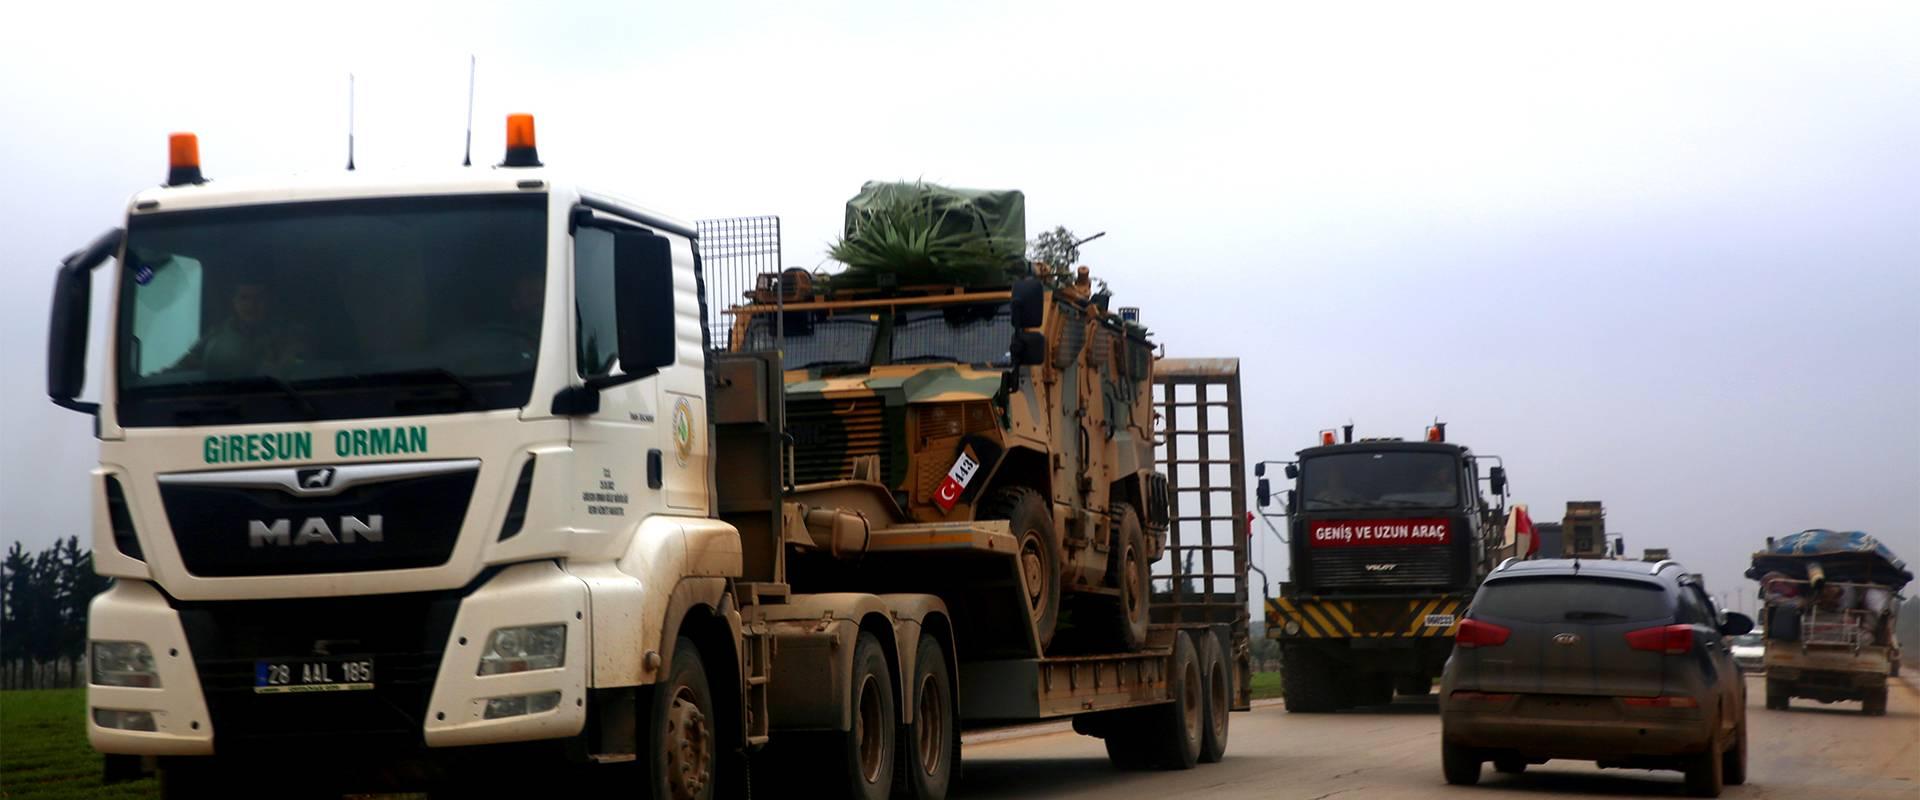 ارتال الجيش التركي في إدلب